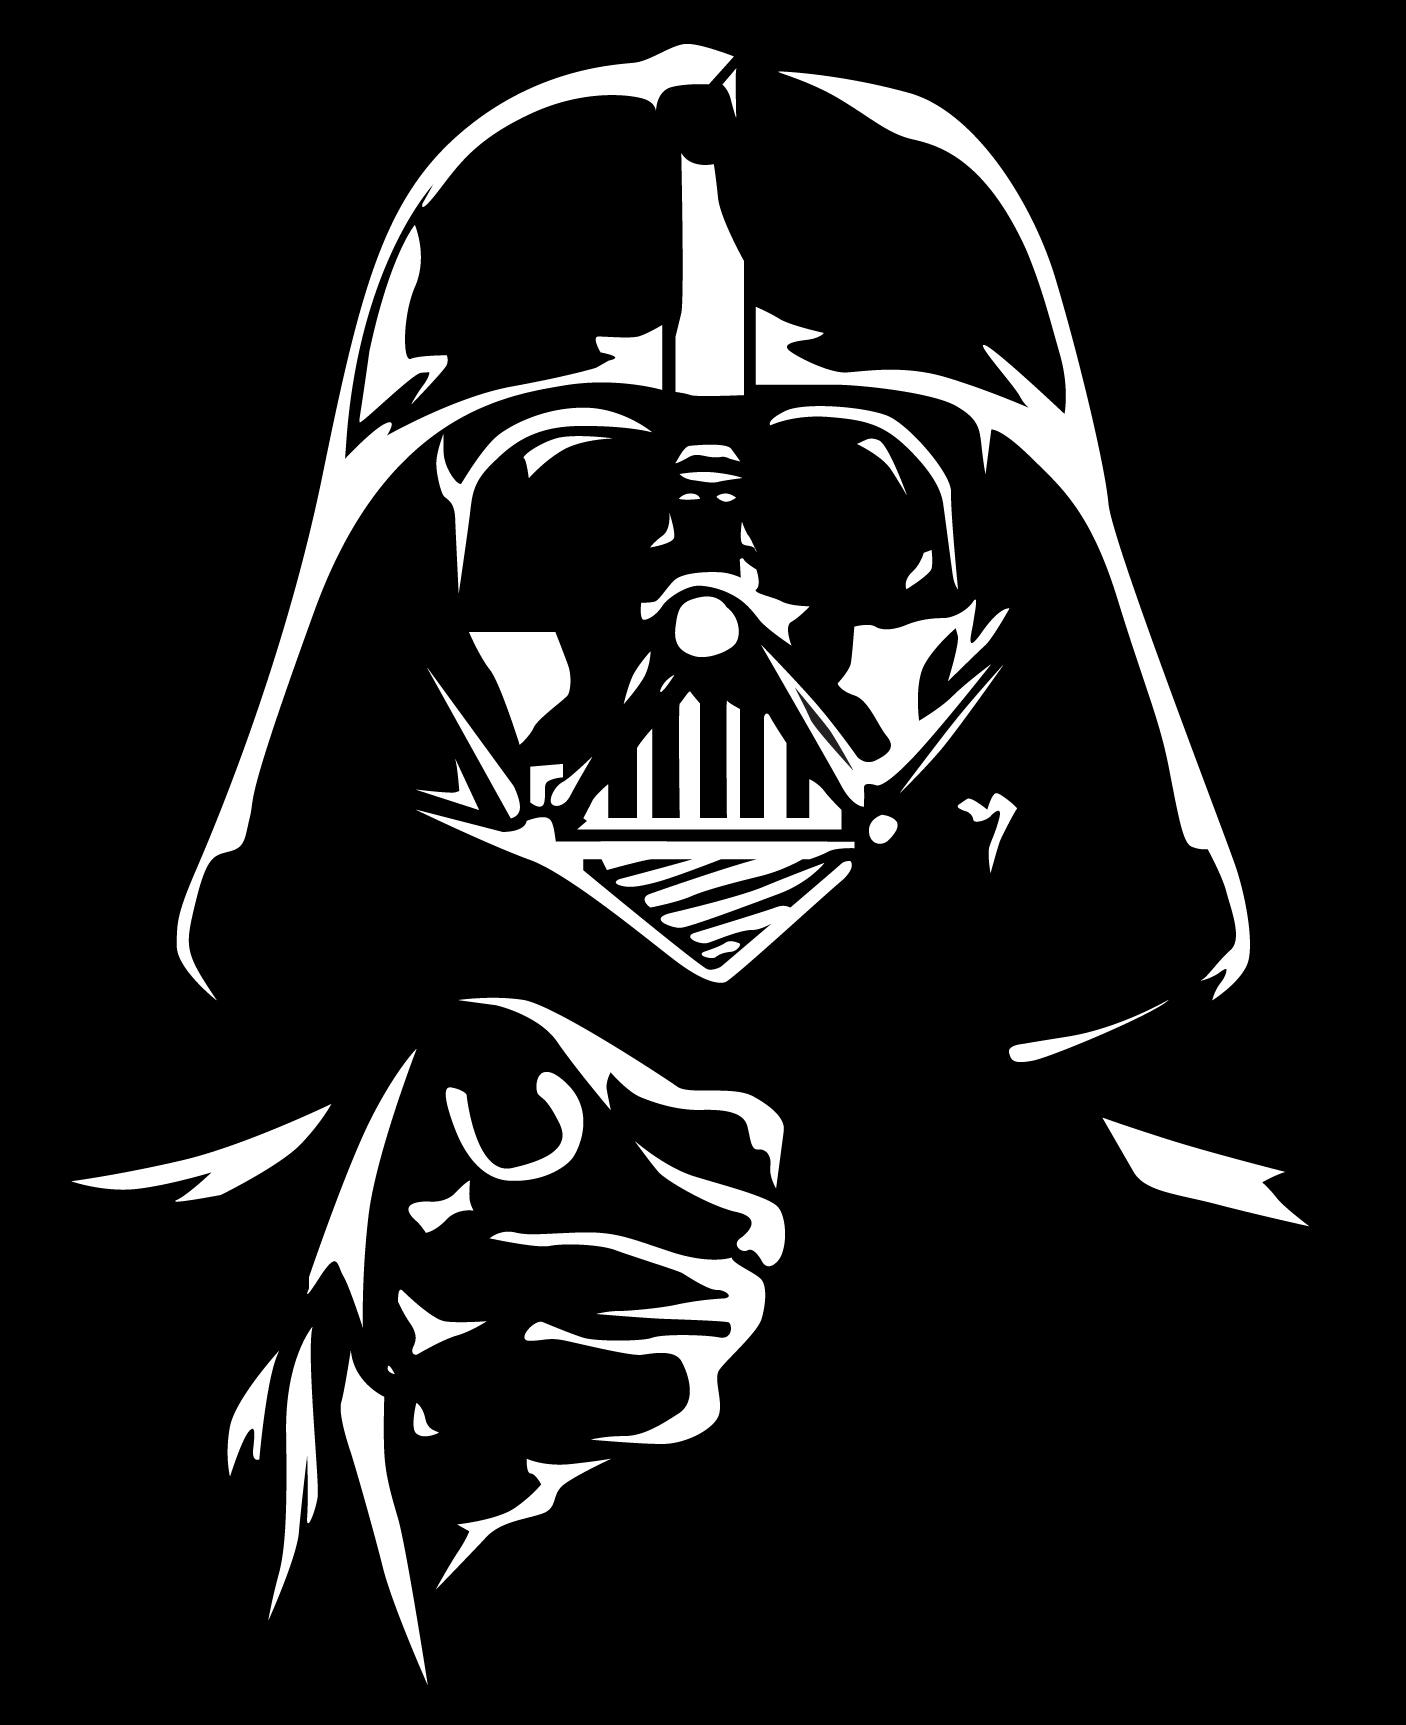 Luke Skywalker clipart stormtrooper Skywalker star wars skywalker Search